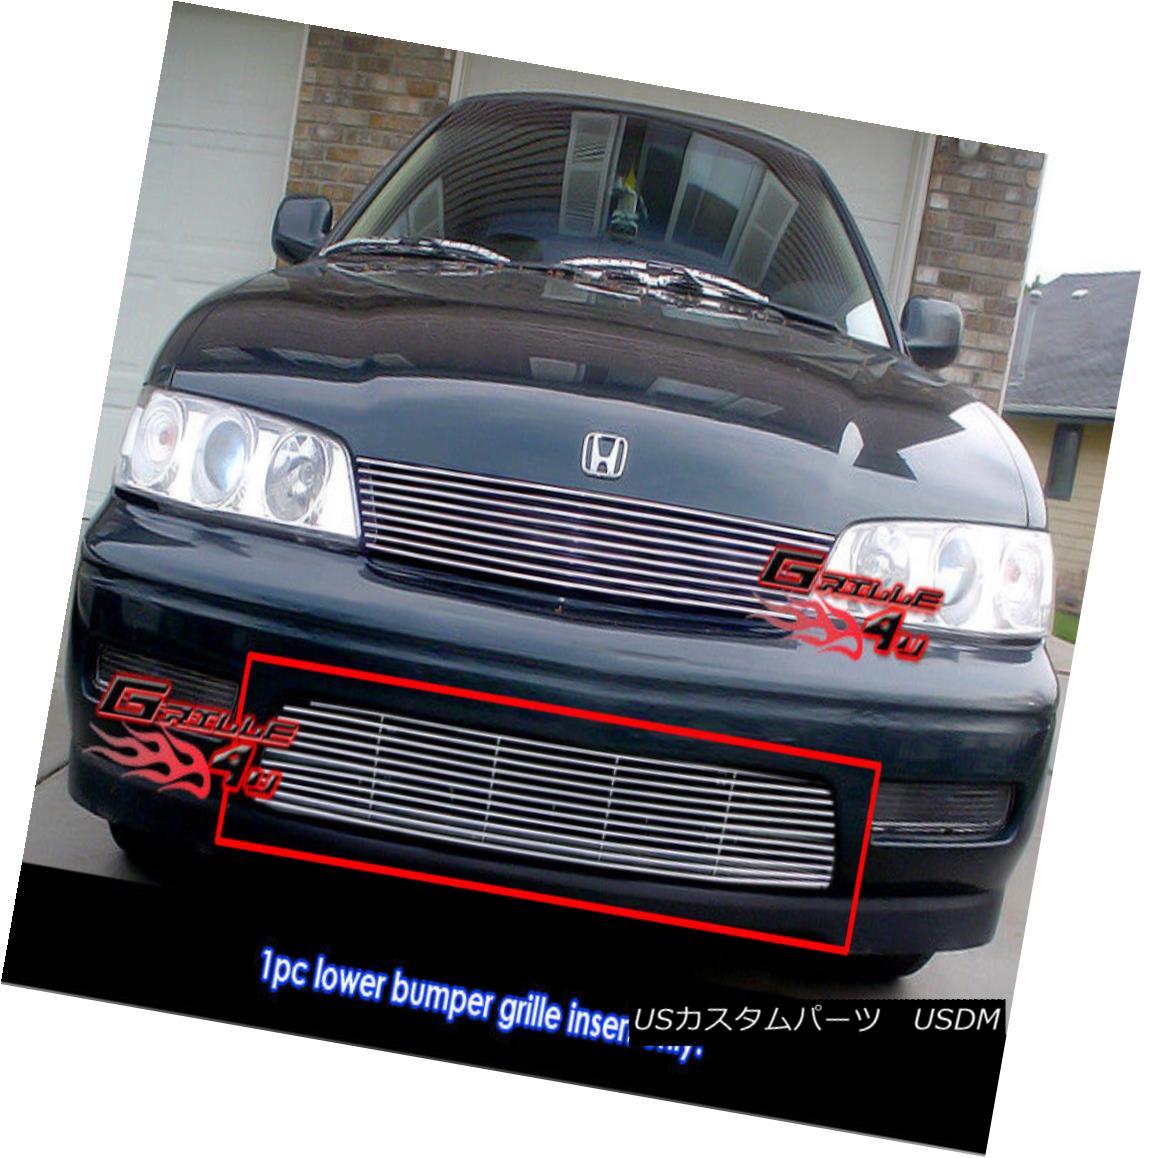 グリル Fits 94-95 Honda Accord Lower Bumper Billet Grille フィット94-95ホンダアコードロワーバンパービレットグリル